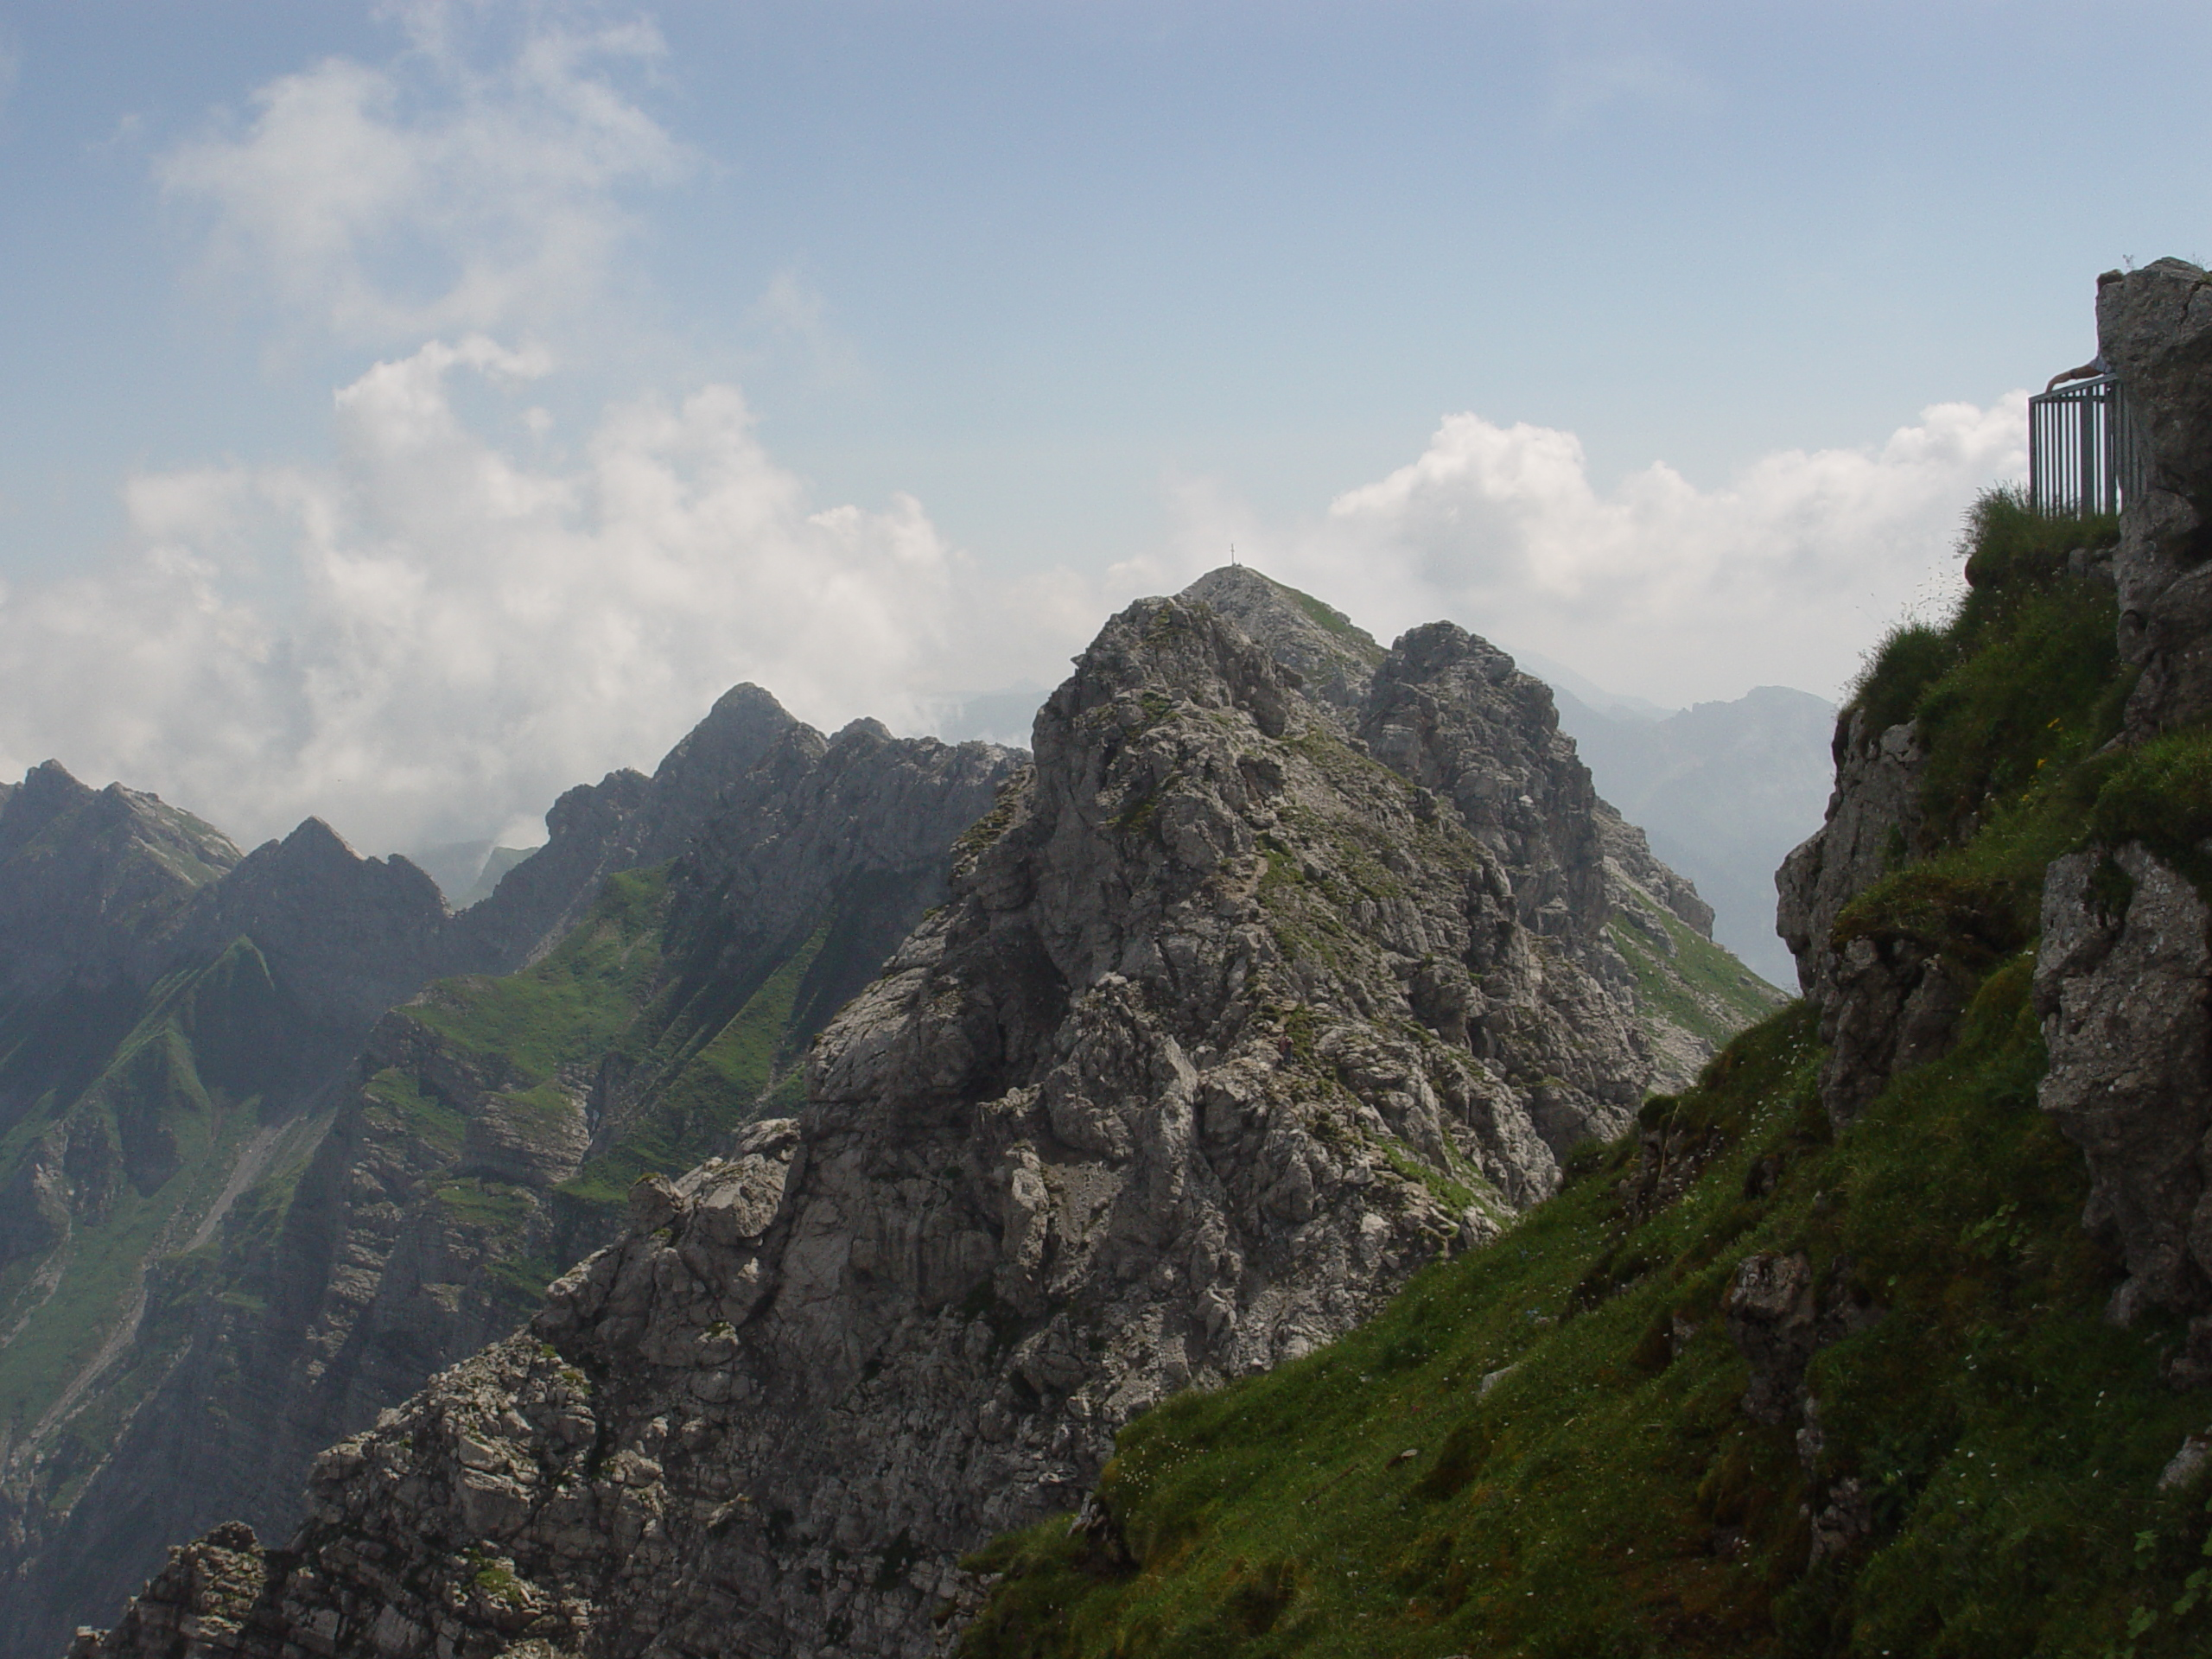 Hindelanger Klettersteig Wengenkopf : Datei:hindelanger klettersteig 3.jpg u2013 wikipedia